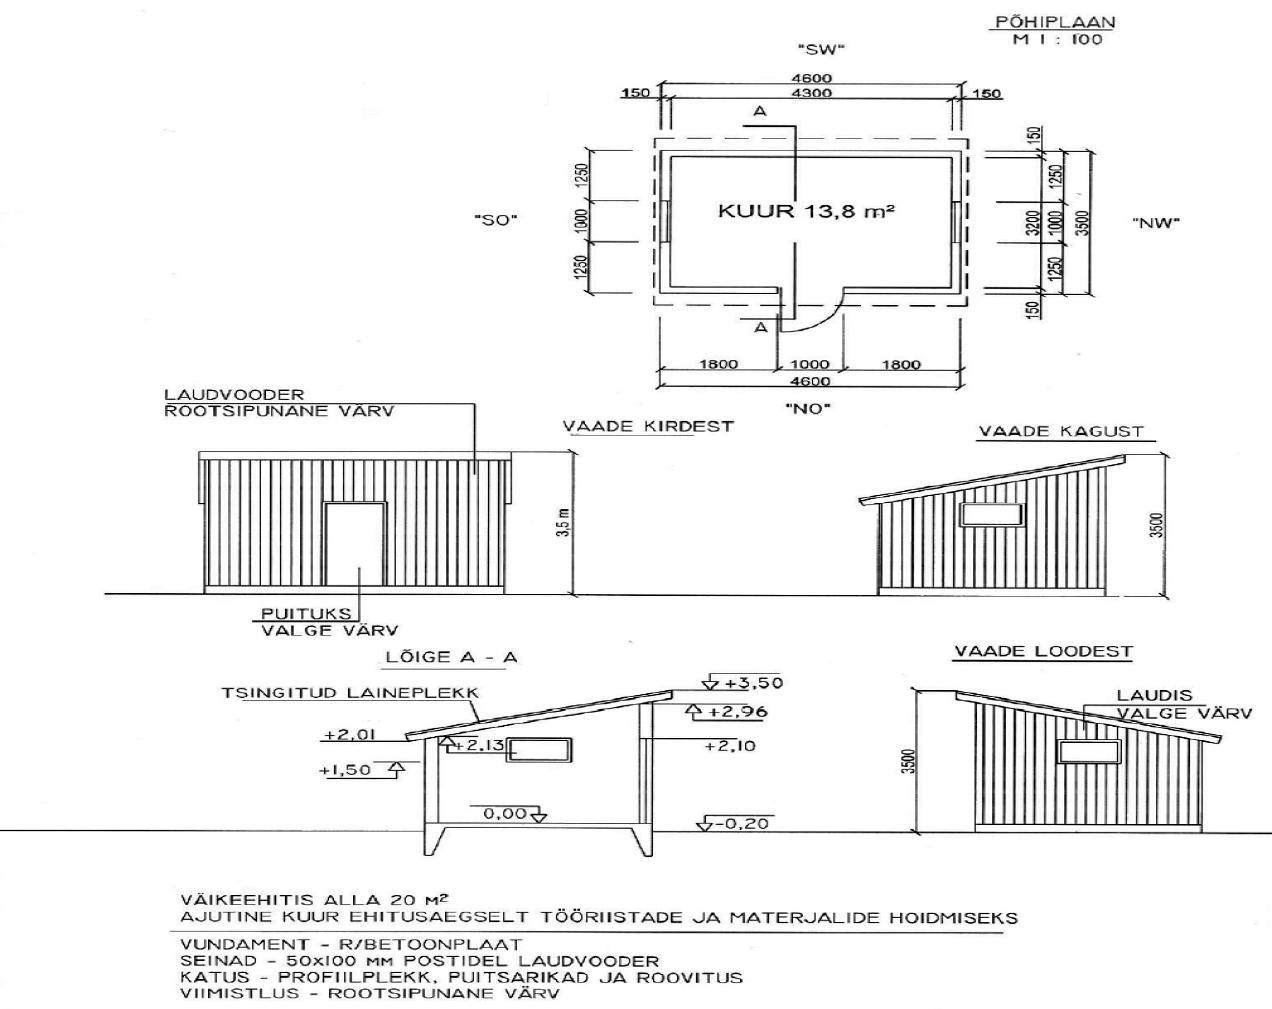 Detailplaneeringu kohustusega aladel peab ehitise omanik kuni 220 m ehitisealuse pinnaga väike-ehitise püstitamise kavatsusest teavitama vallavalitsust, esitades taotluse ehitise püstitamiseks koos asendiplaani ja väikeehitise arhitektuurse lahendusega, millel on põhiplaan, vaated ja vajadusel ka lõige ning ära märgitud põhi-mõõdud: pikkus, laius, kõrgus. Joonis ei pea olema koostatud arvutis, sobib ka käsitsi tehtud variant.